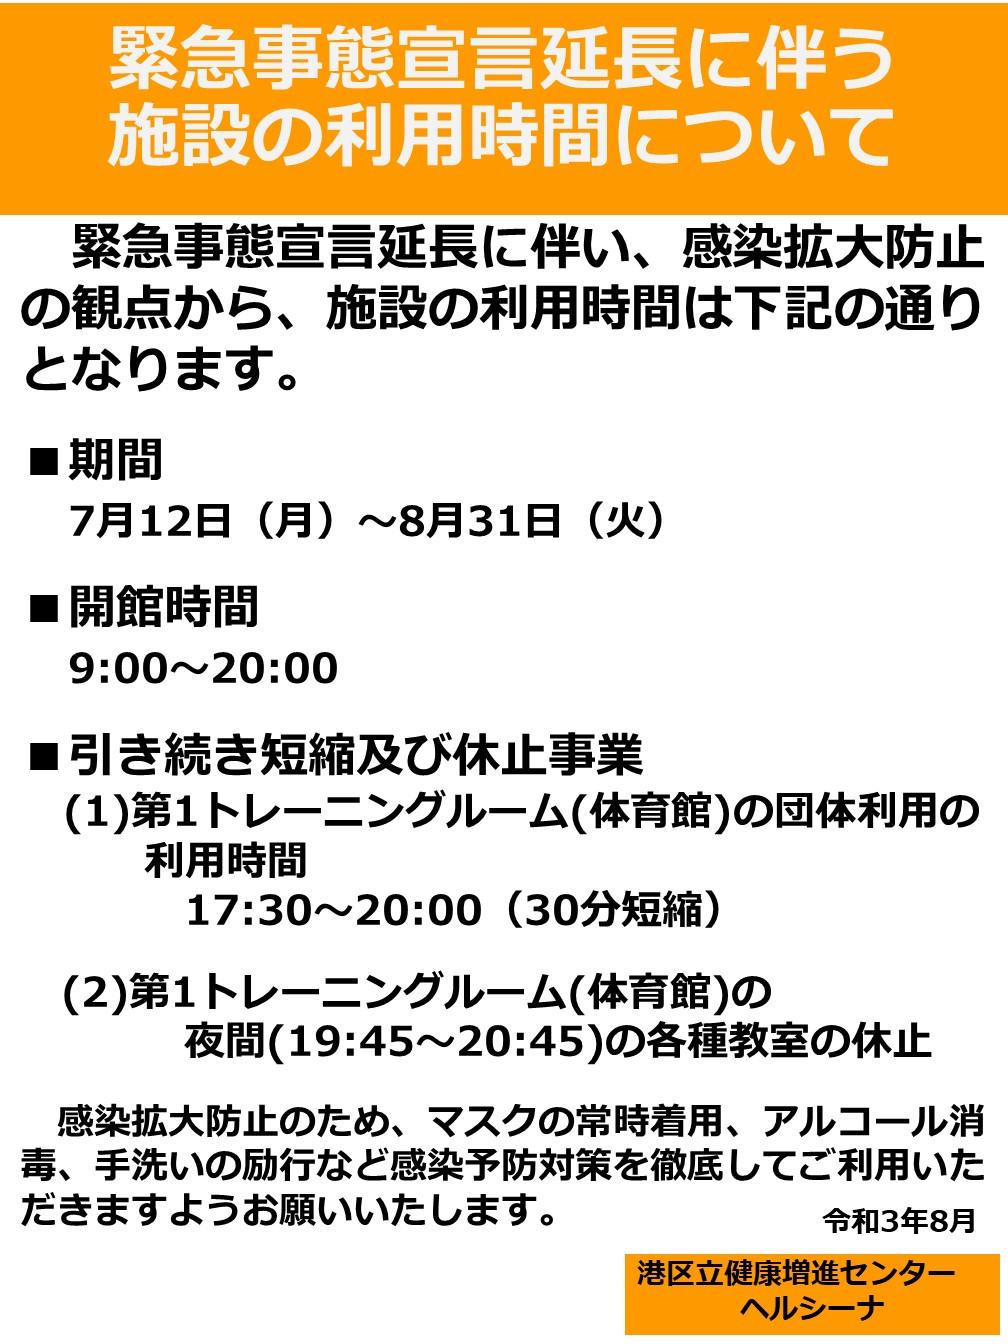 20210802(掲示)(施設)緊急事態宣言延長に伴う施設の利用時間について.jpg